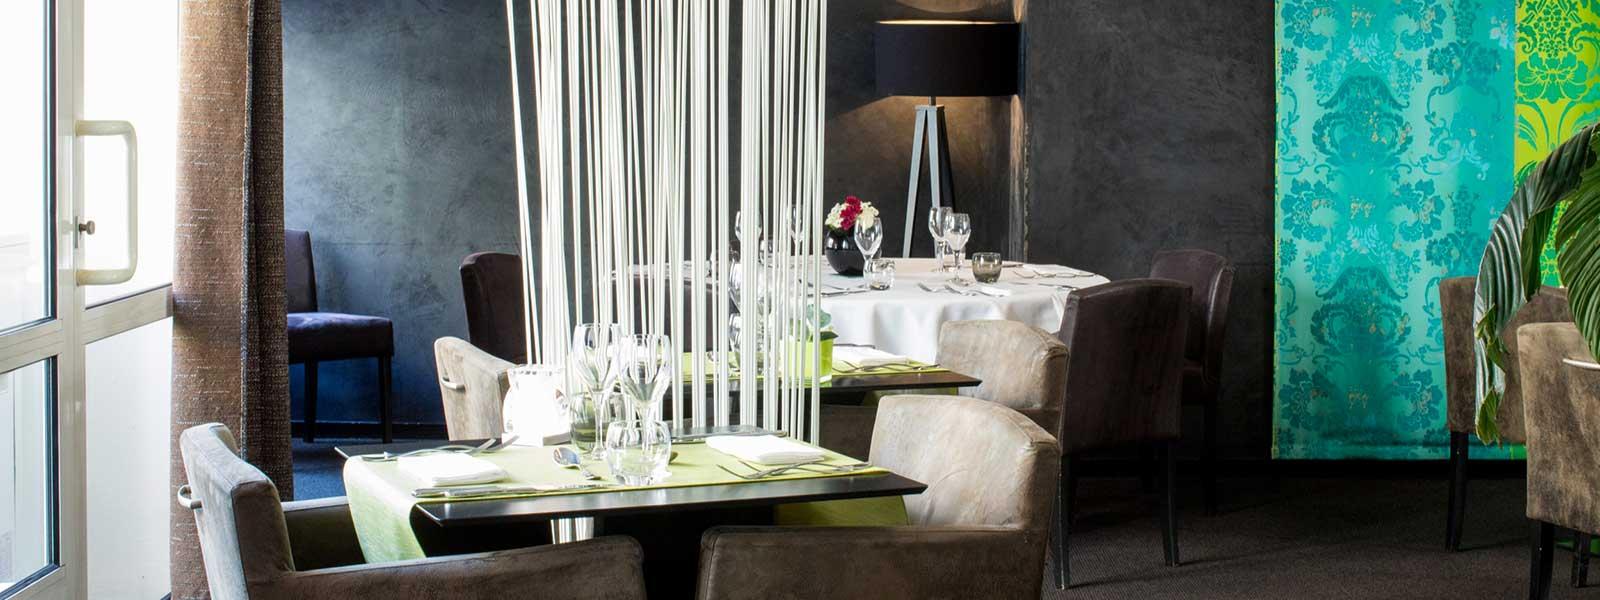 Restaurant gastronomique Aix les Bains